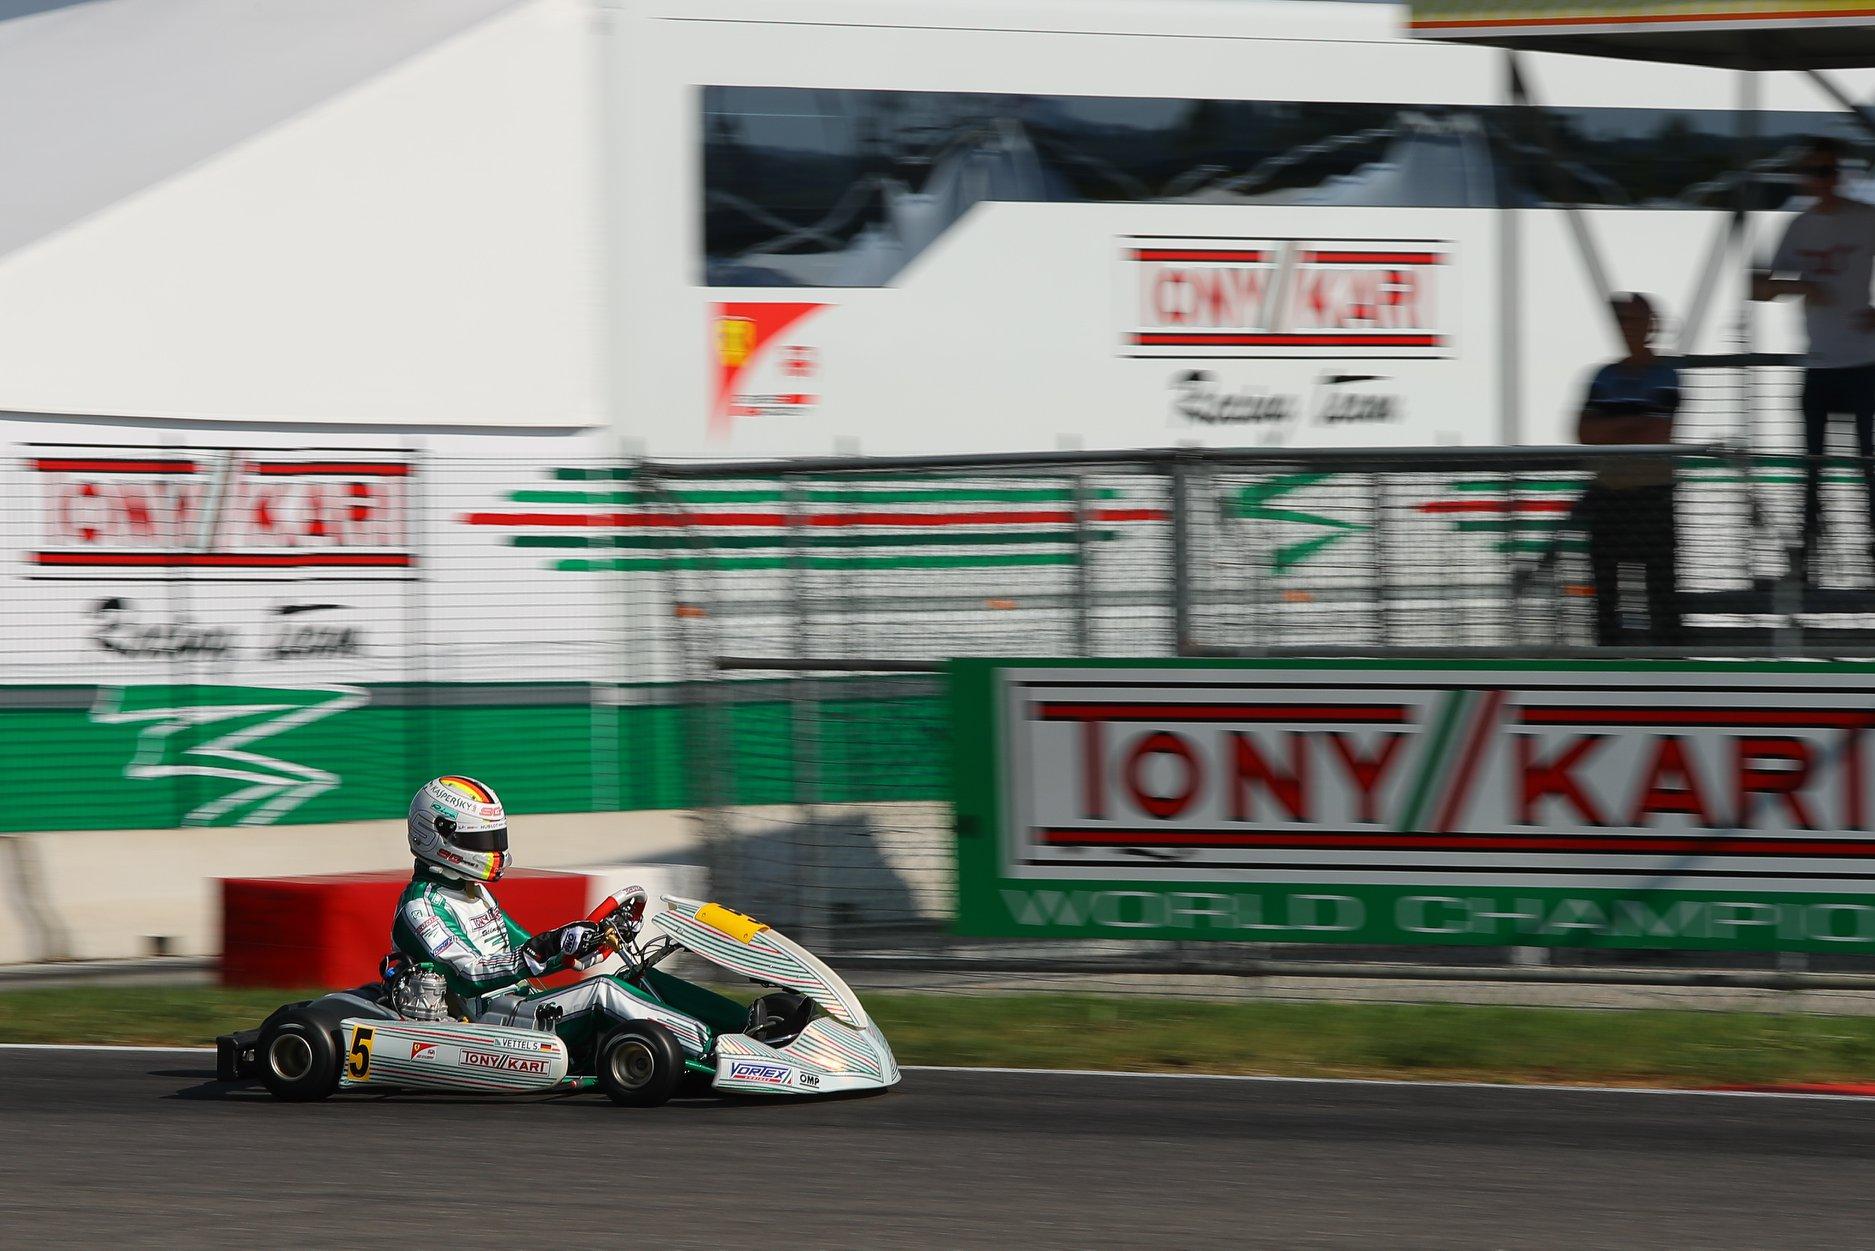 Sebastian_Vettel_testing_Tony_Kart_0012